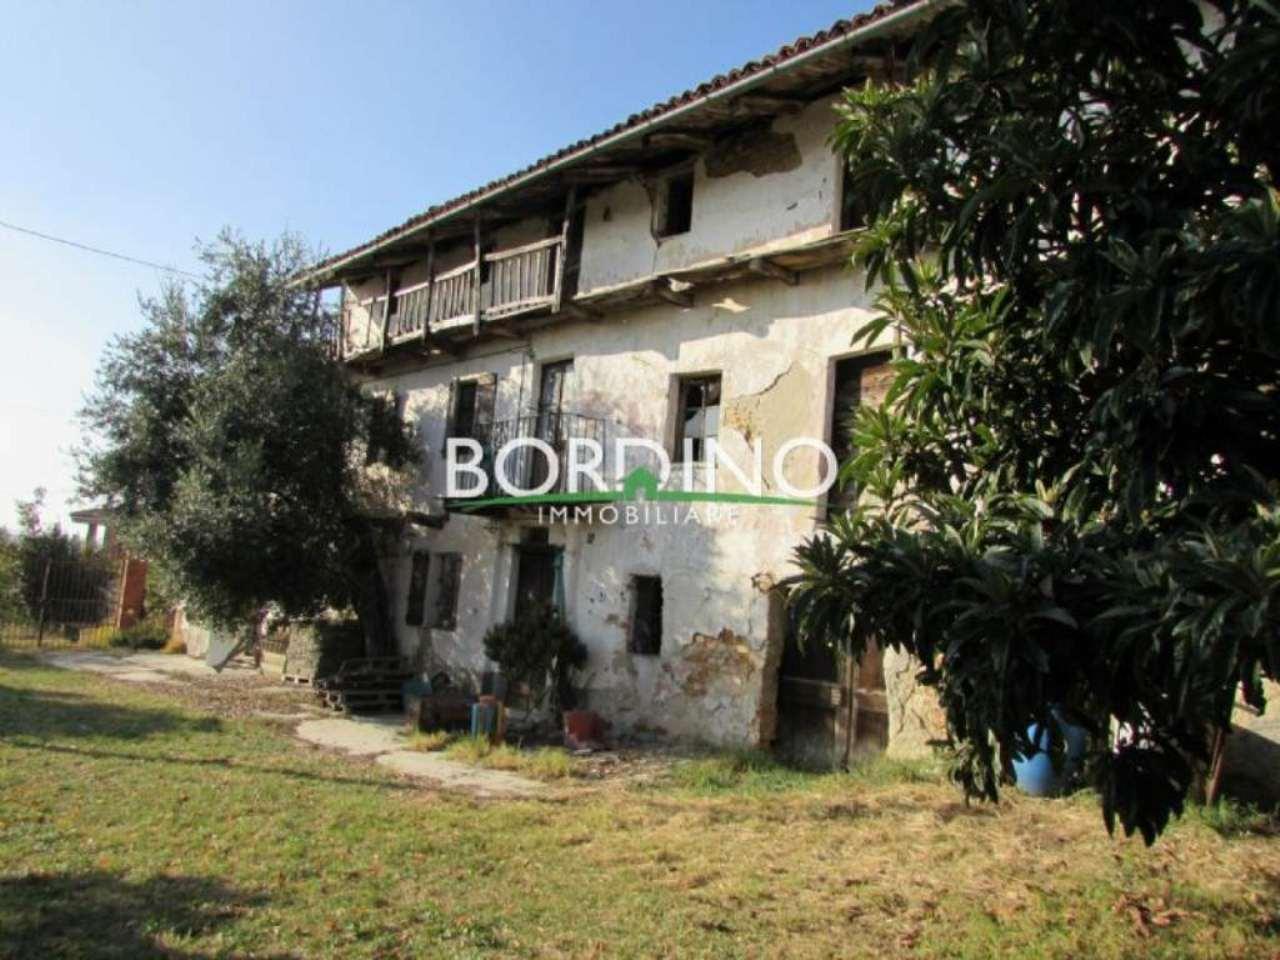 Rustico / Casale in vendita a Priocca, 8 locali, prezzo € 140.000 | Cambio Casa.it